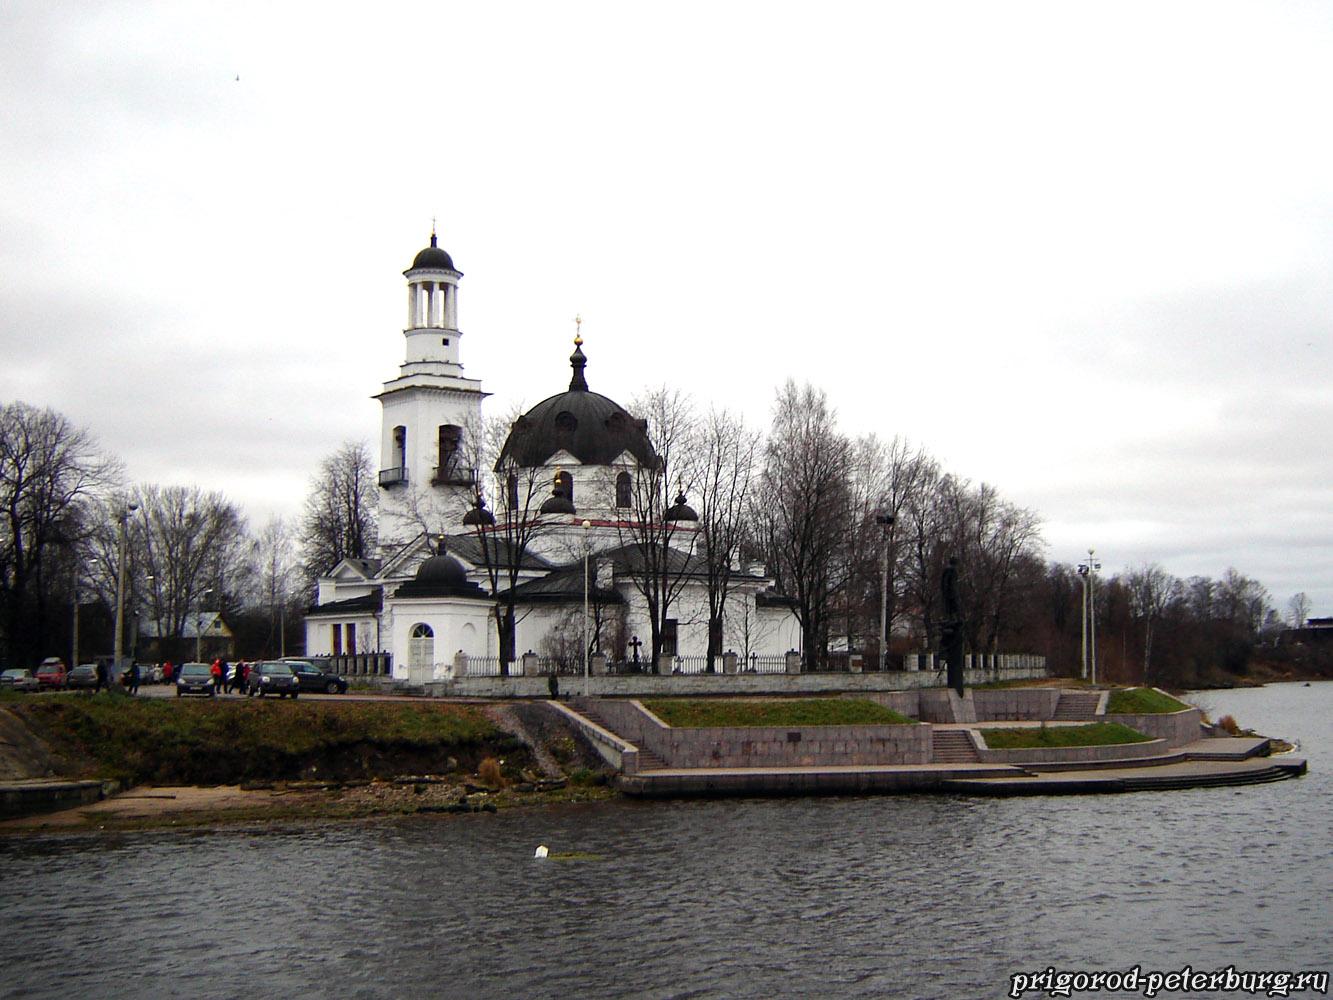 Церковь Святого Александра Невского в Усть-Ижоре